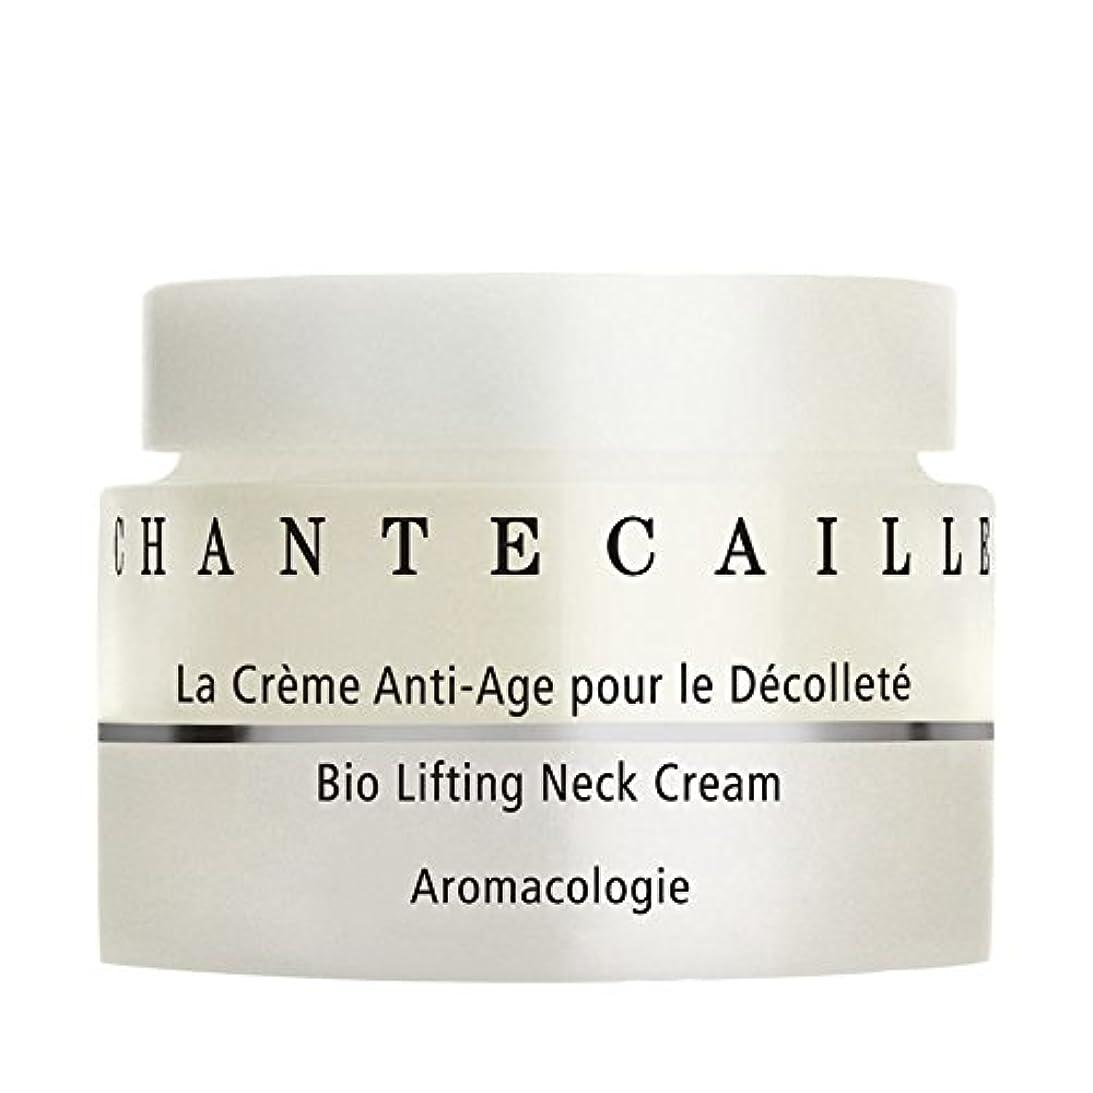 予想外柔らかさ飼いならすシャンテカイユバイオダイナミックリフティングネッククリーム、シャンテカイユ x2 - Chantecaille Biodynamic Lifting Neck Cream, Chantecaille (Pack of 2) [並行輸入品]